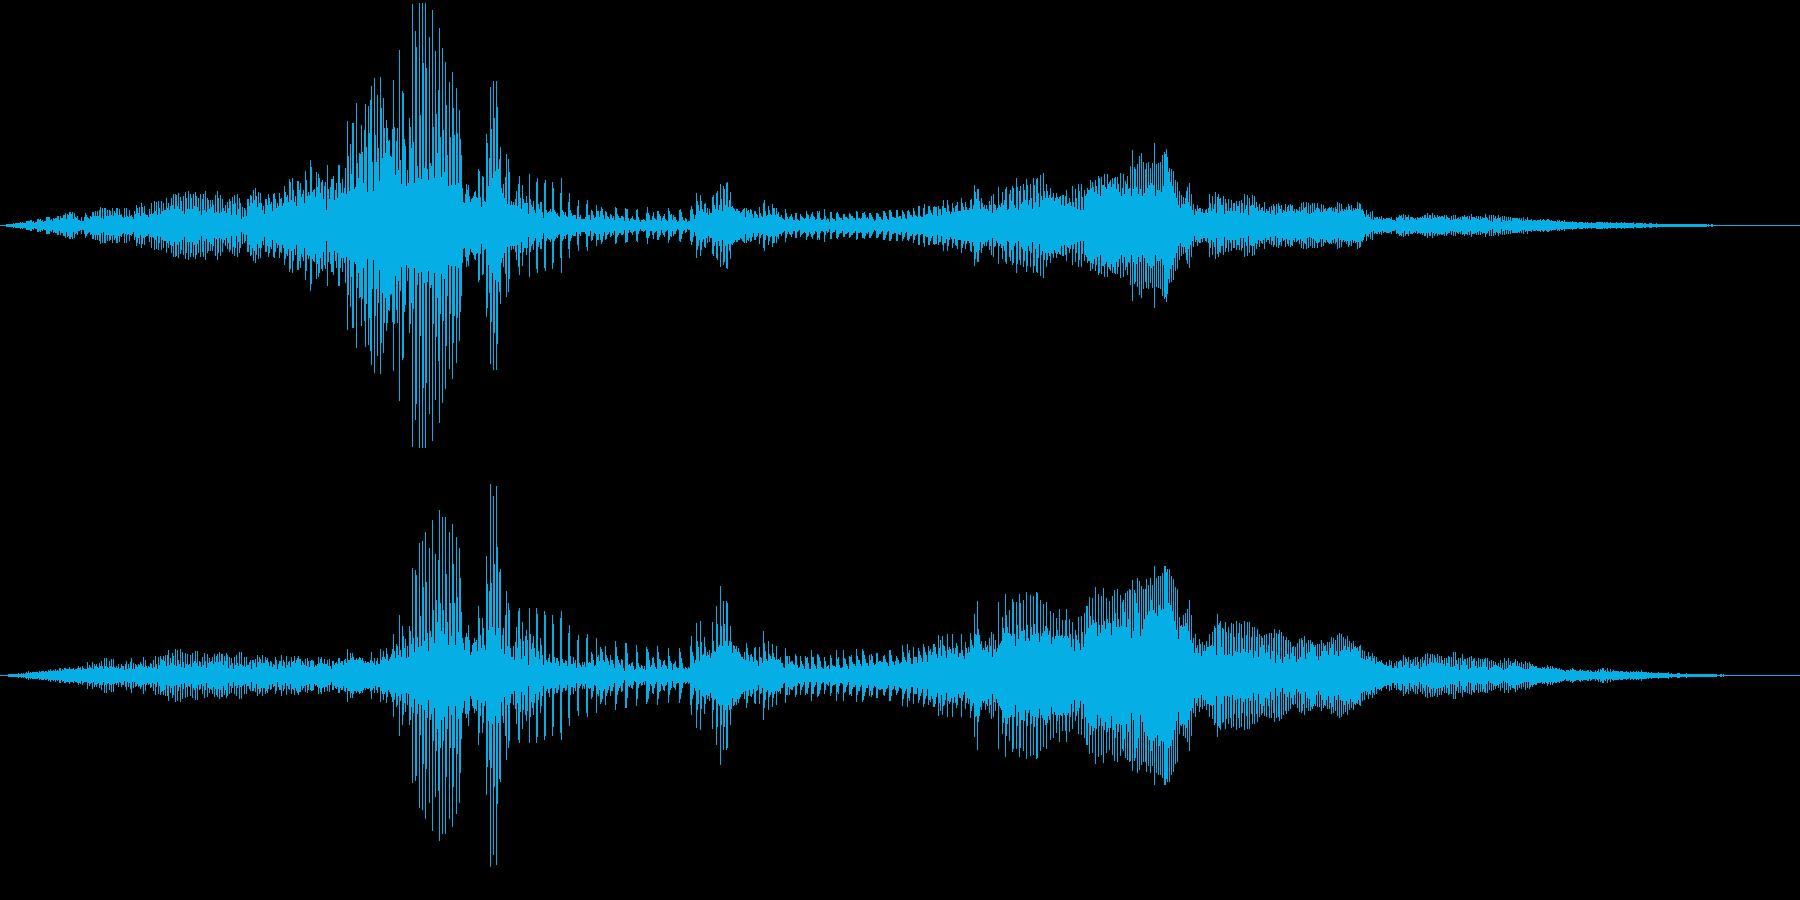 【生録音】バイクのエンジン音 停車・発進の再生済みの波形